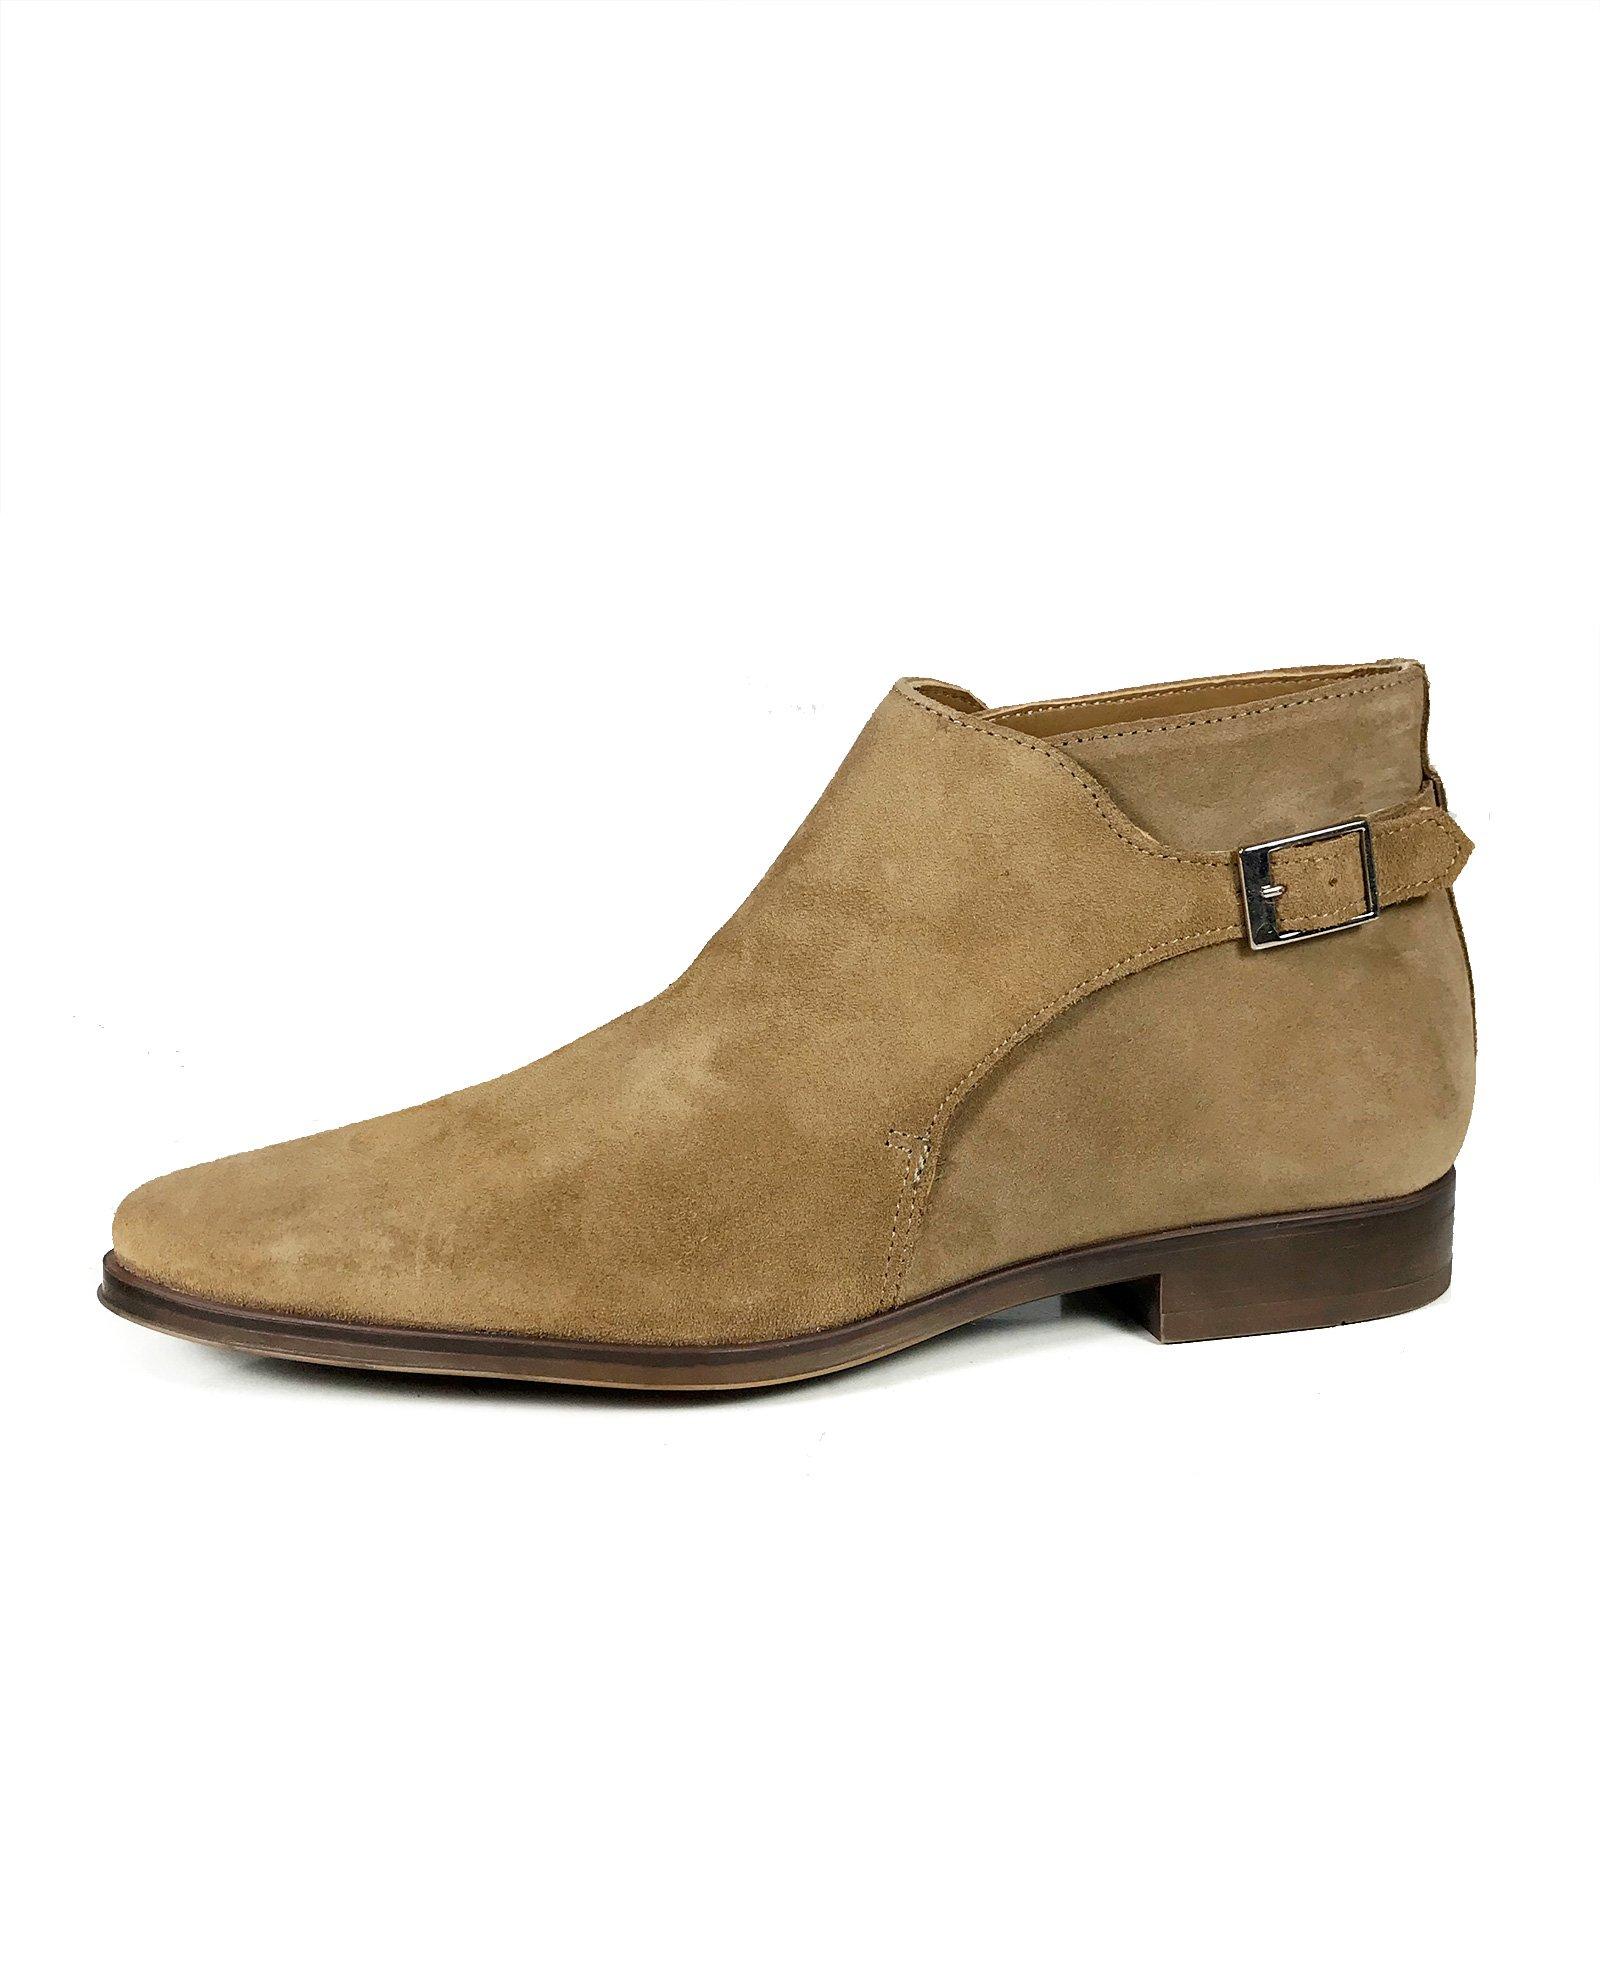 Zara Men Beige leather ankle boots 5603/202 (44 EU | 11 US | 10 UK) by Zara